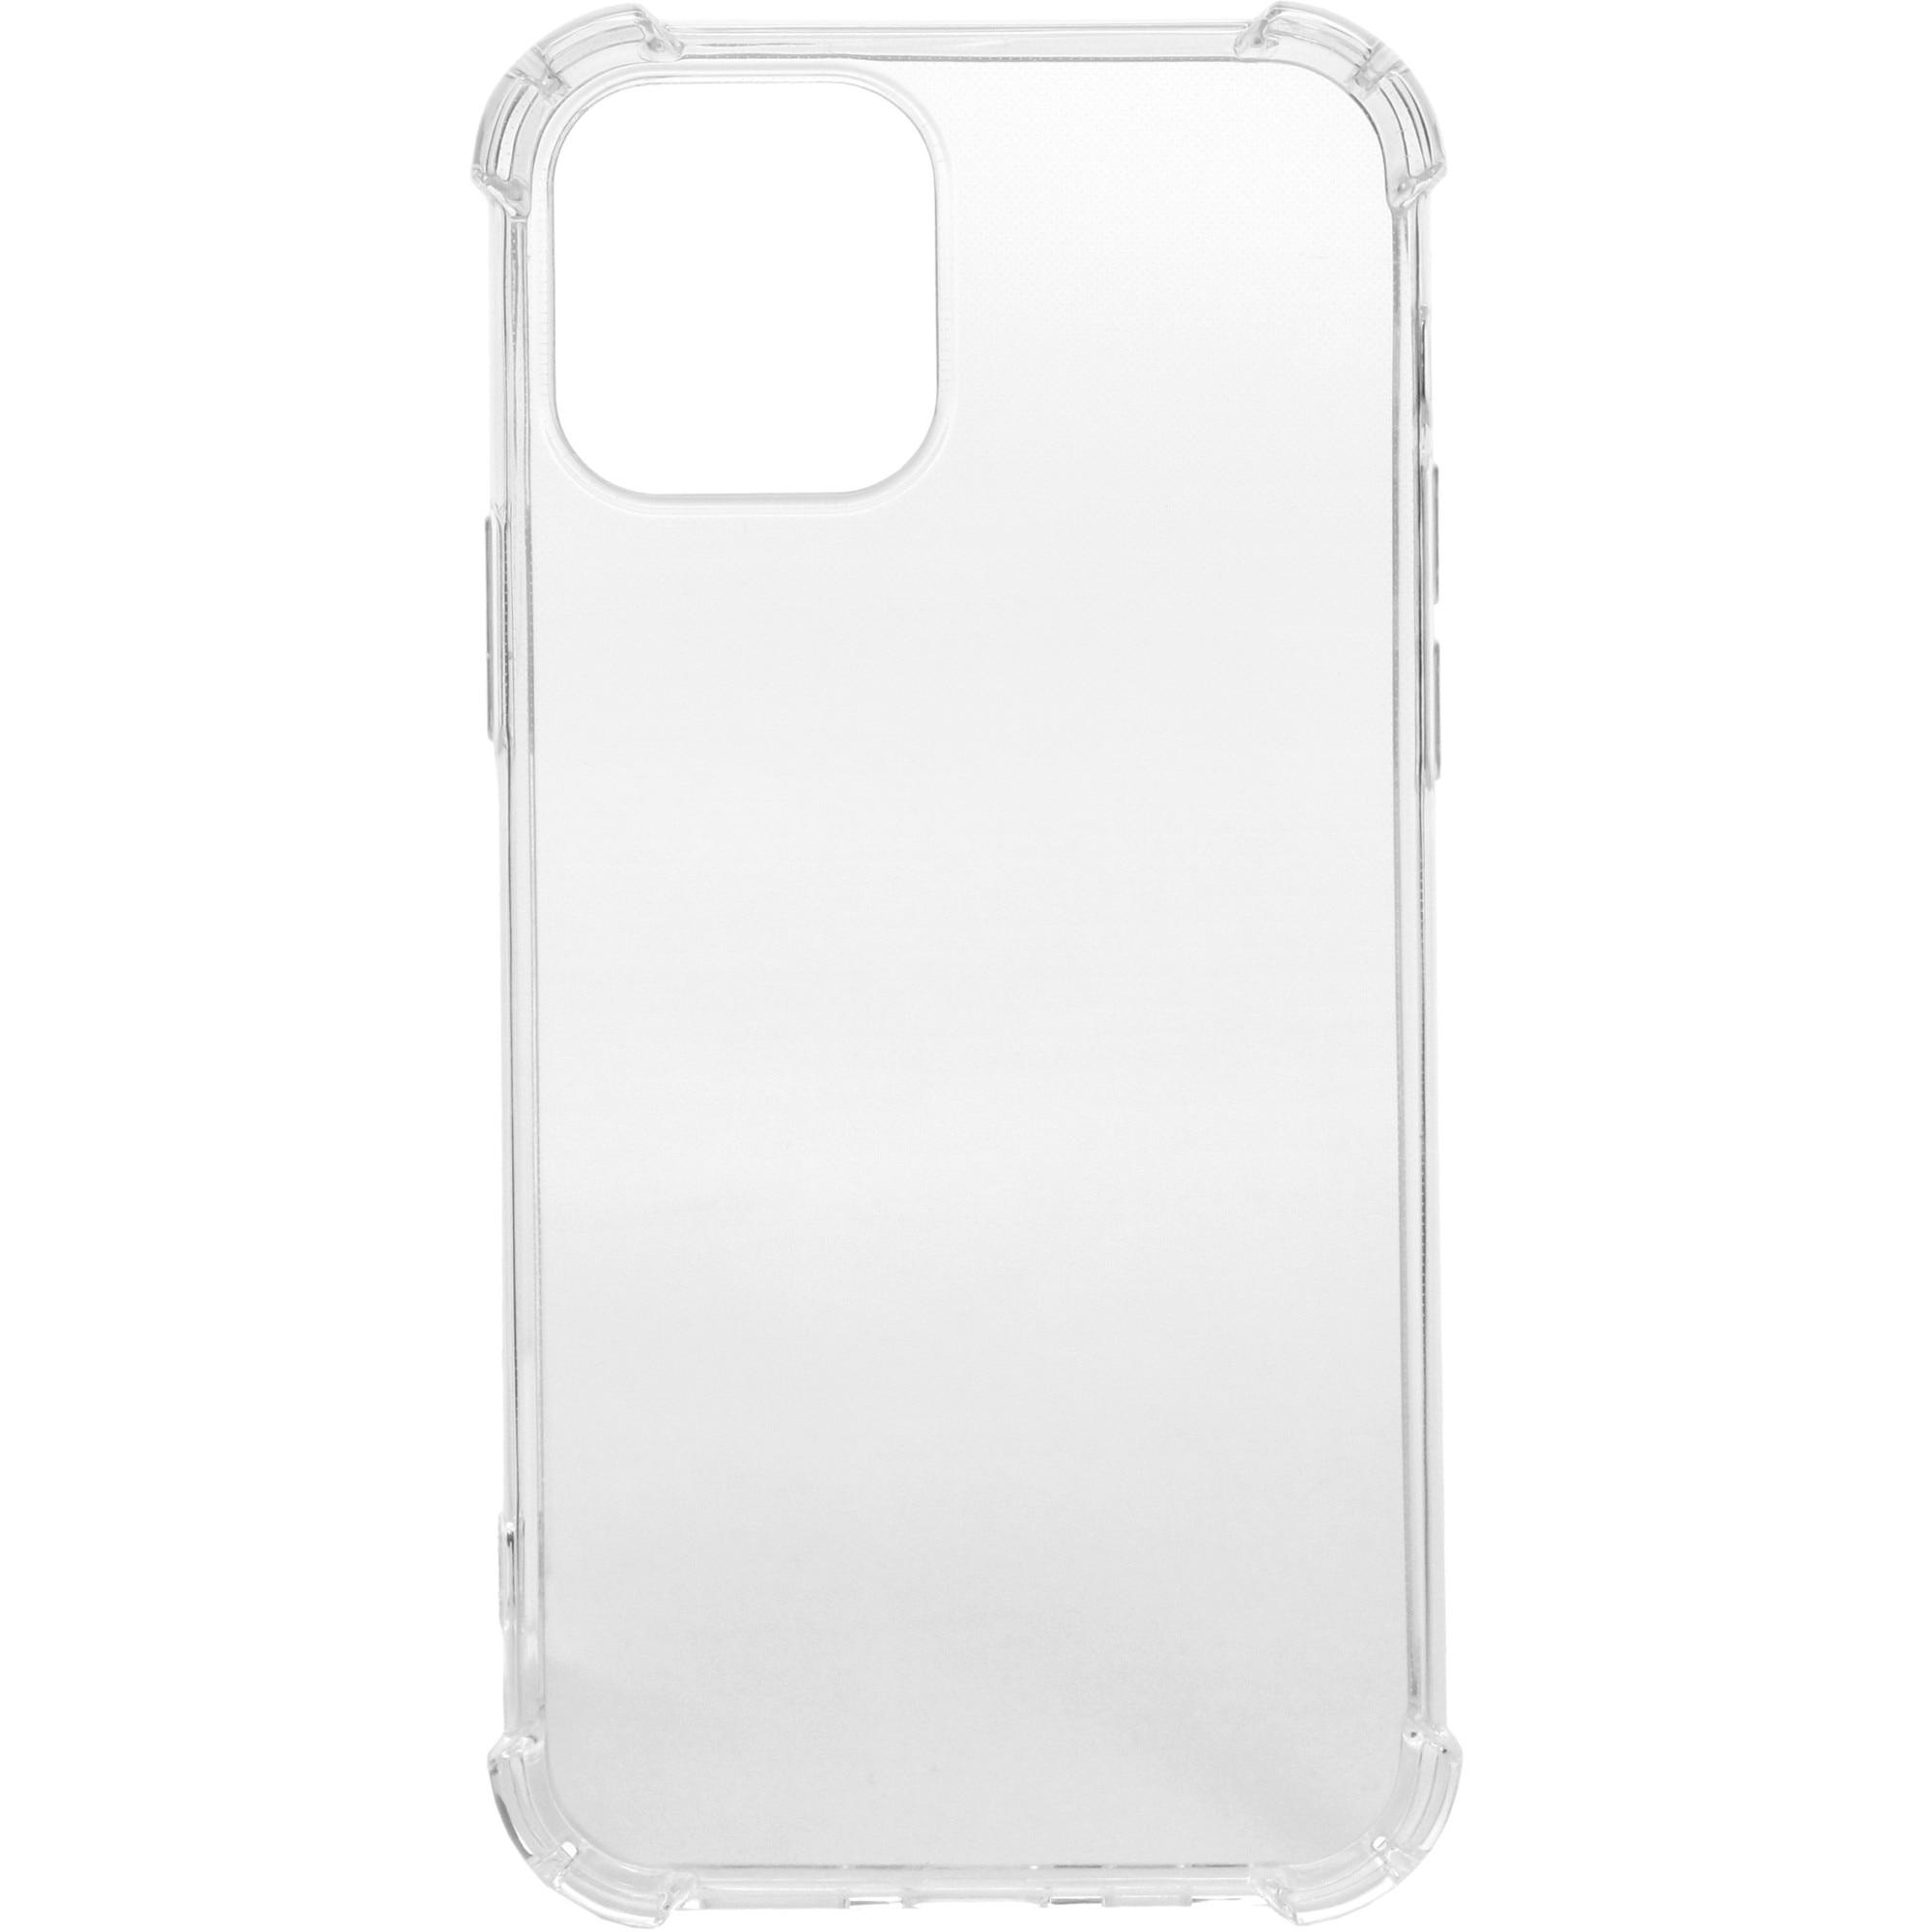 Fotografie Husa de protectie A+ Case Clear pentru iPhone 12 Pro Max